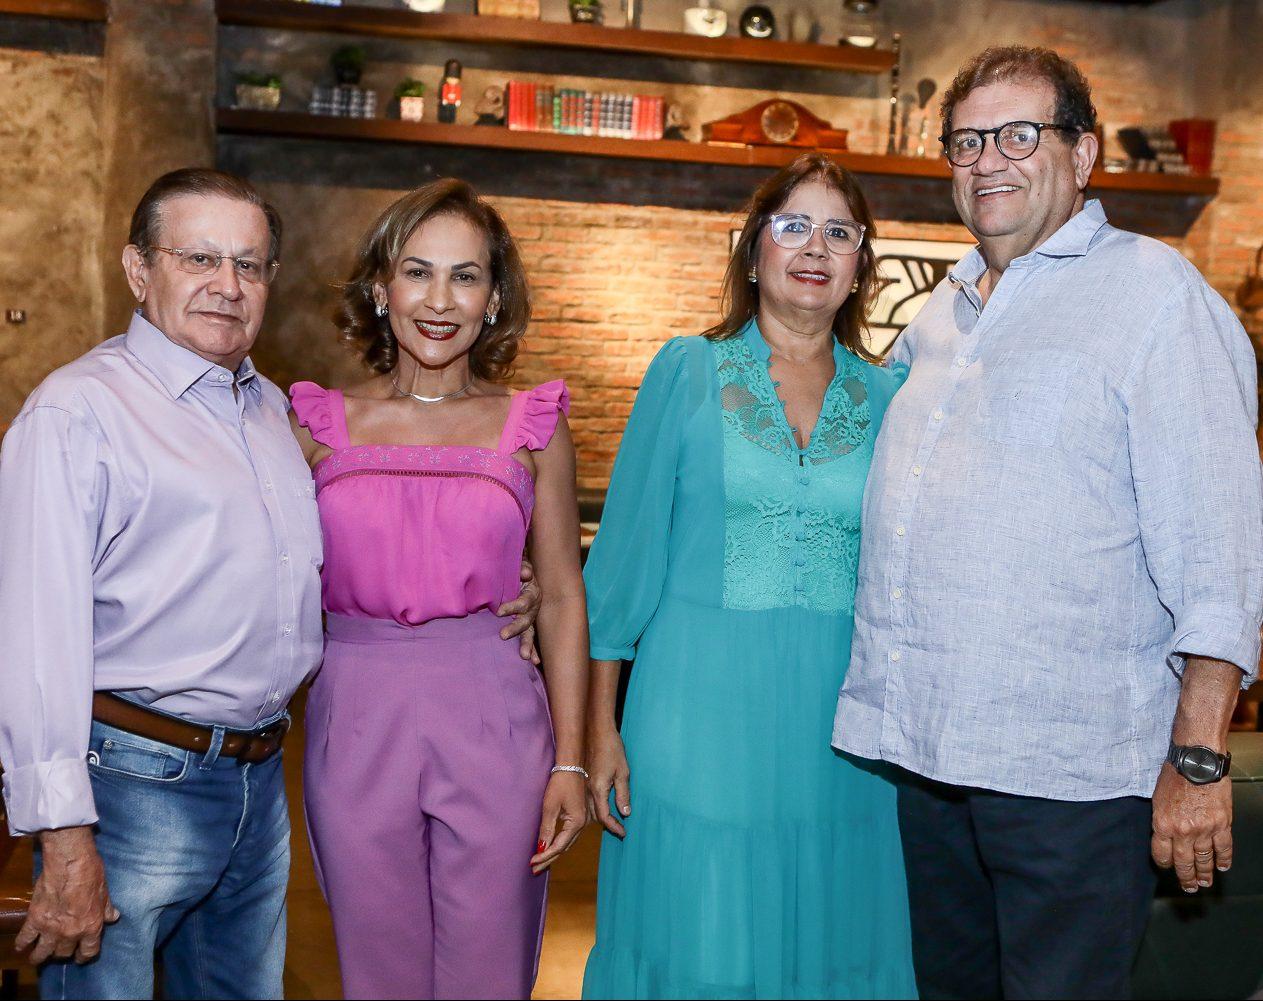 CRIO celebra Dia do Médico e afina sua equipe para enfrentar novos desafios